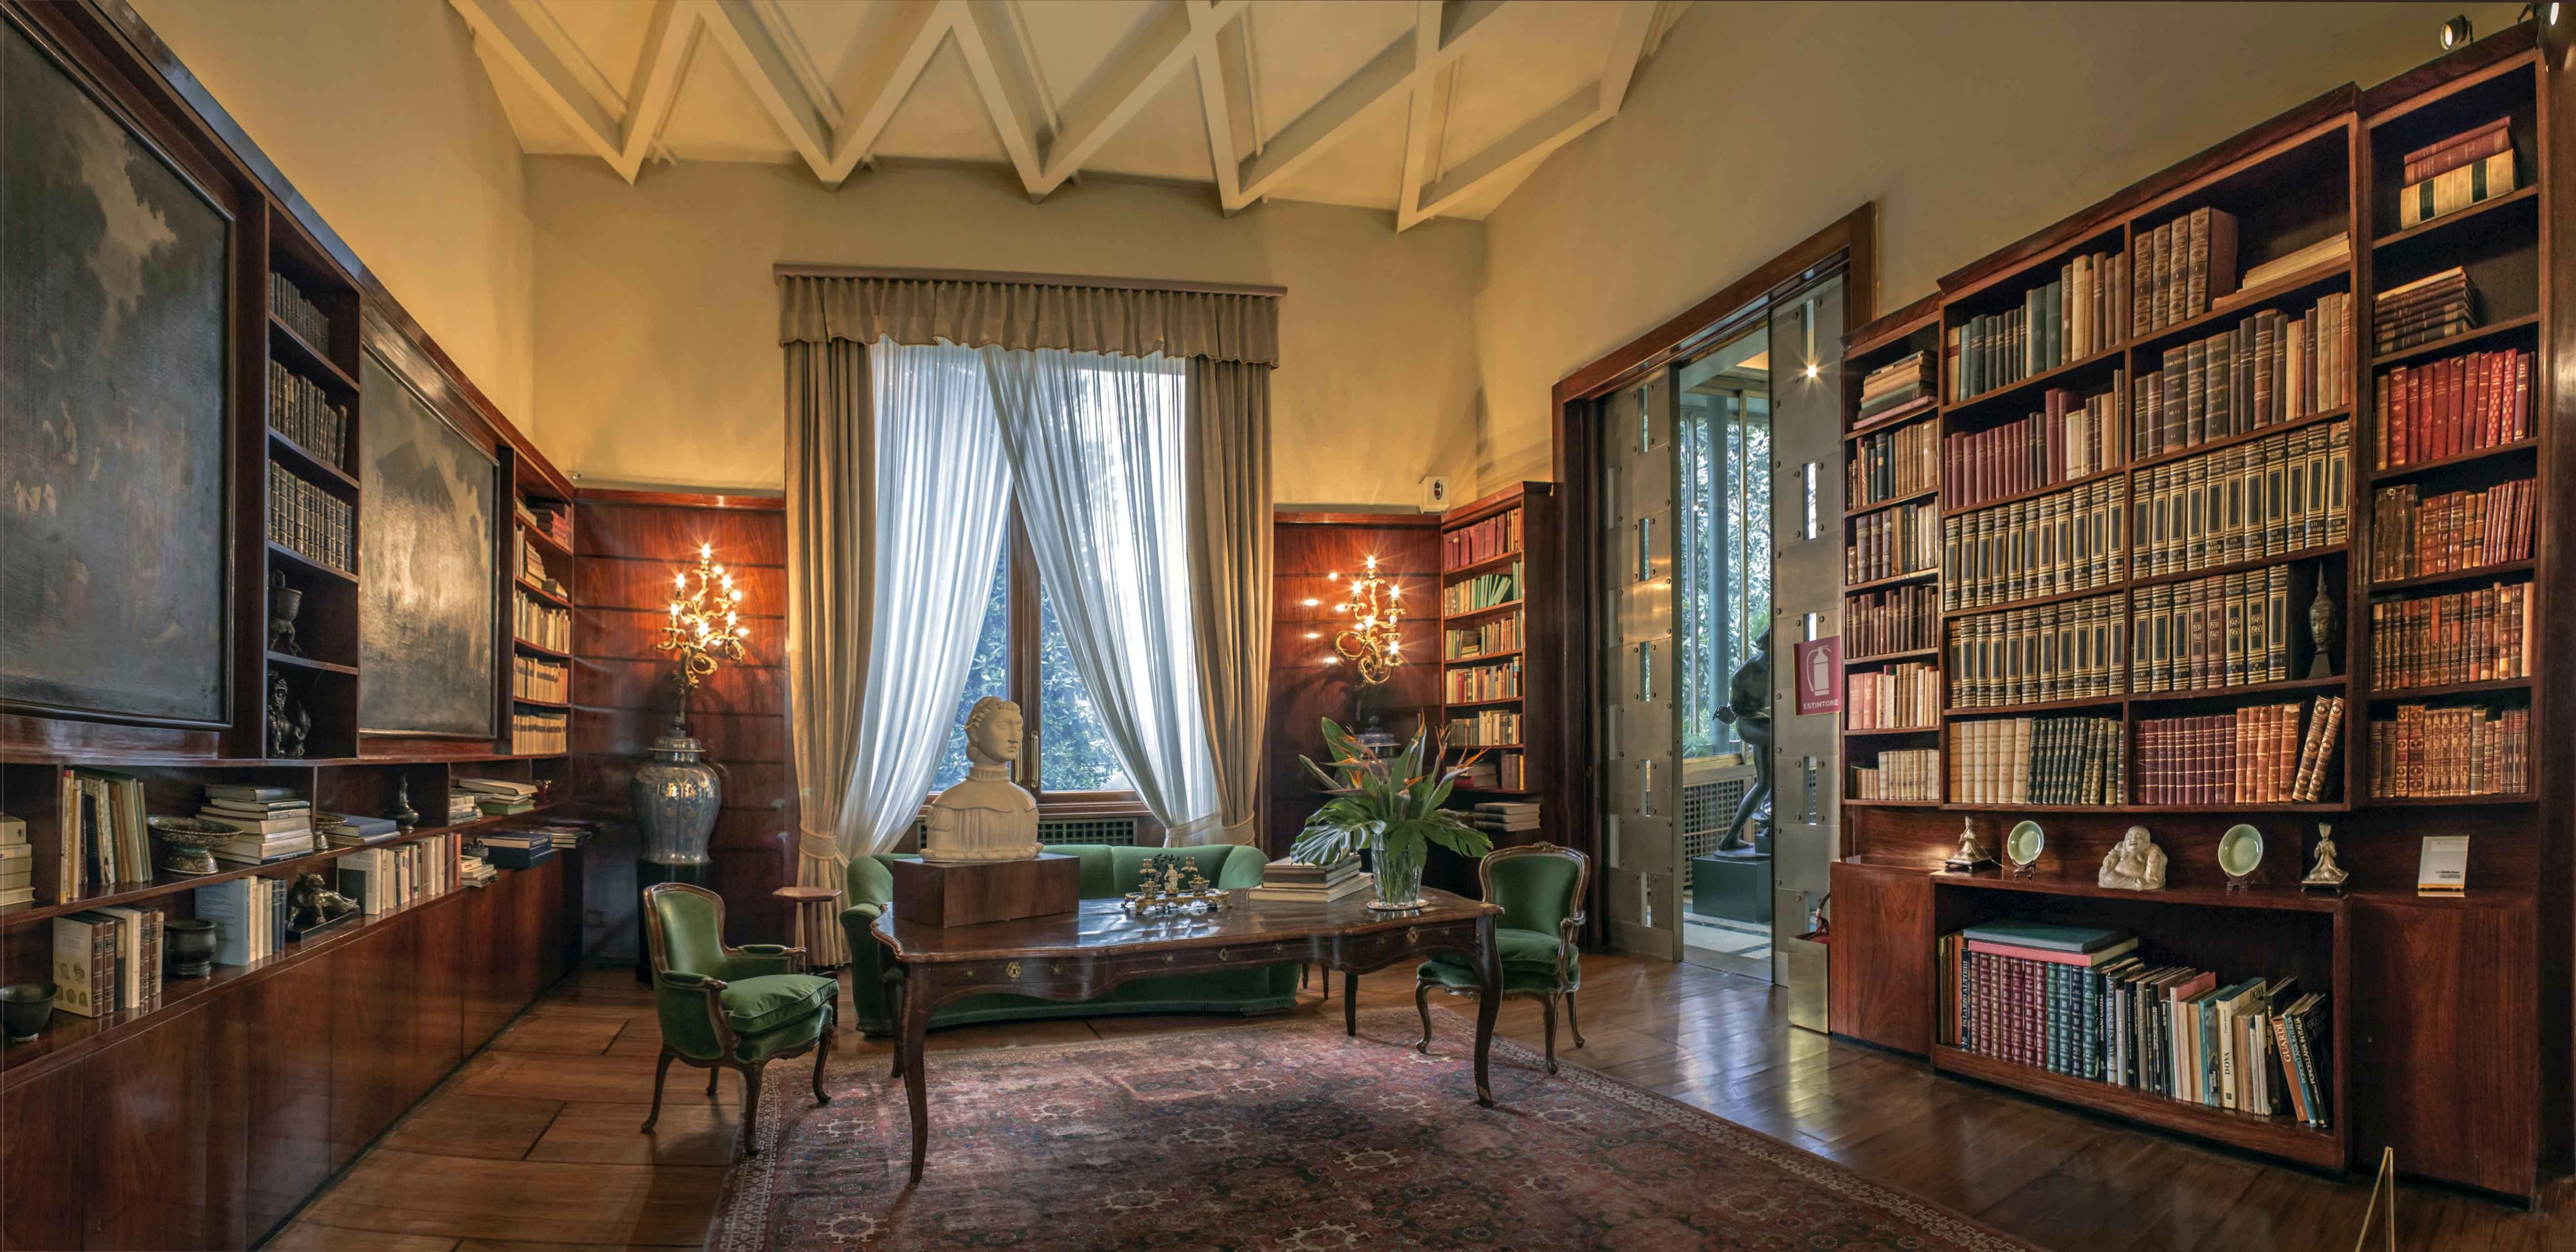 Villa Necchi Campiglio, Milano | ph. Aldo Rizzi | © FAI